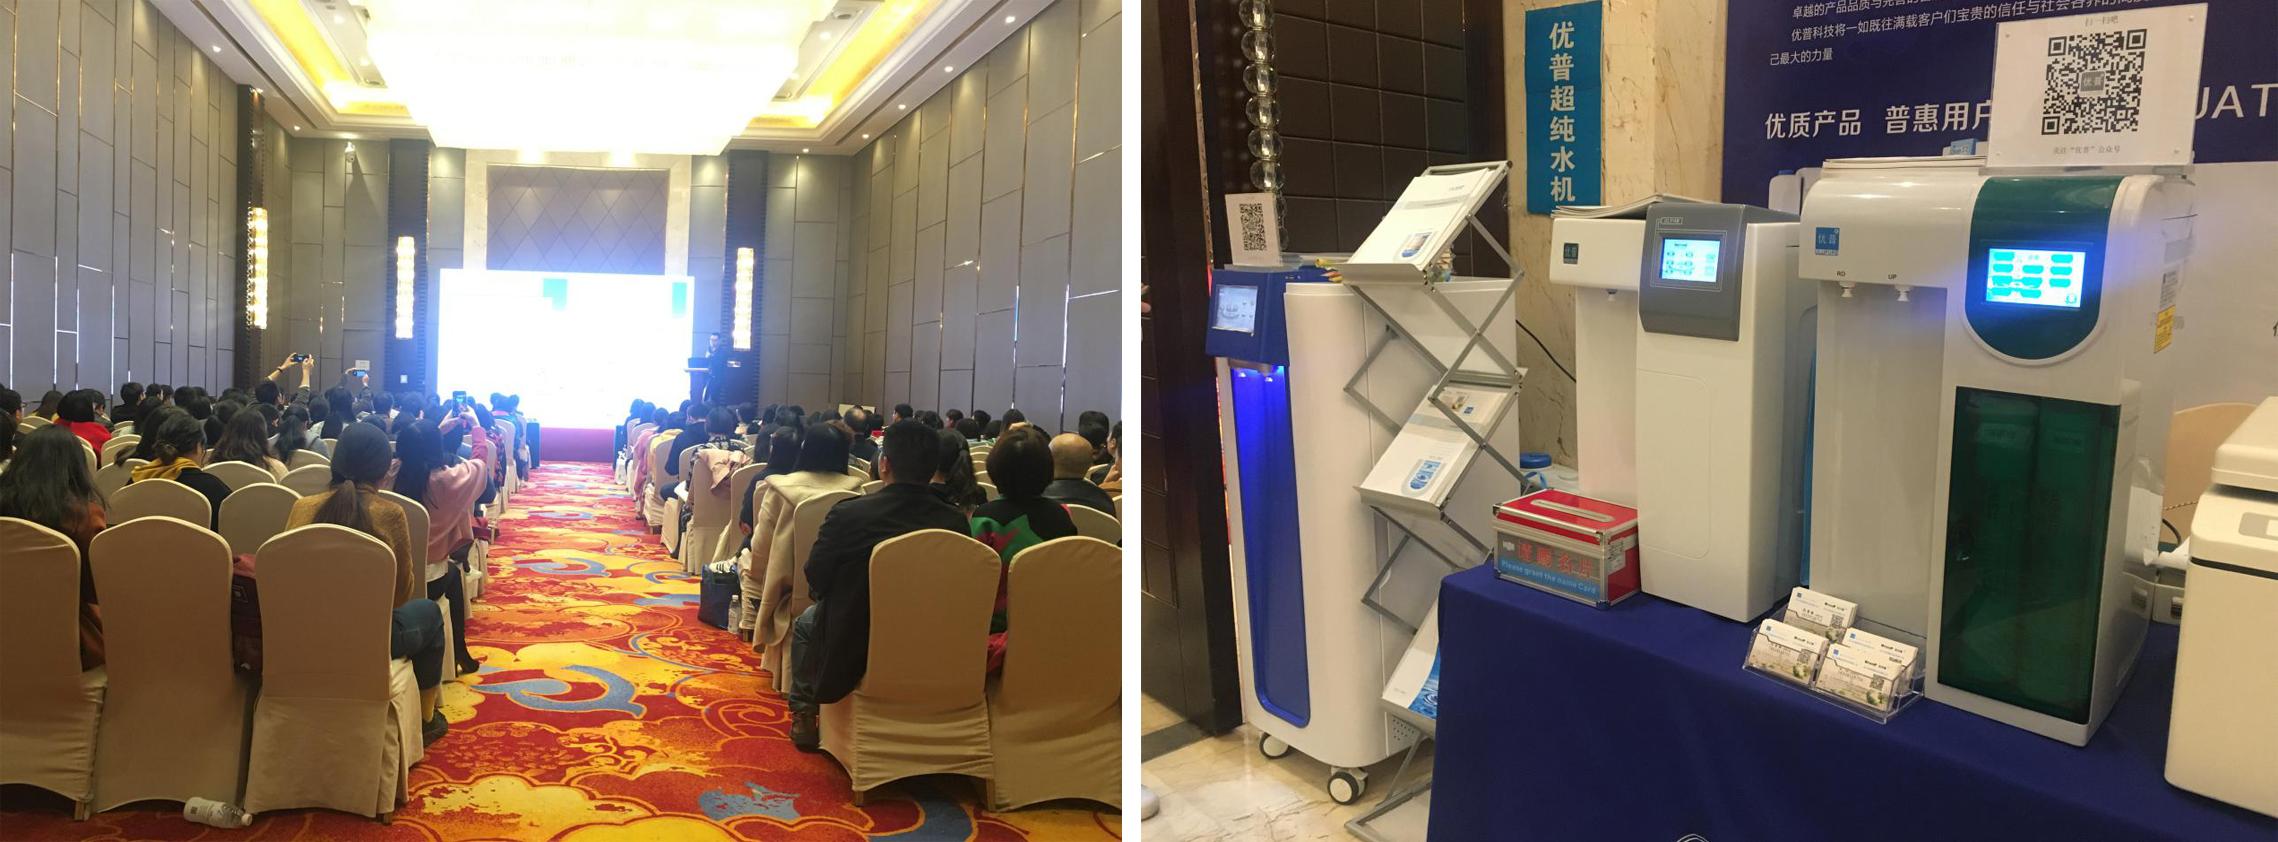 CDIC2019第二届中国药品检验技术大会,优普新机粉墨登场